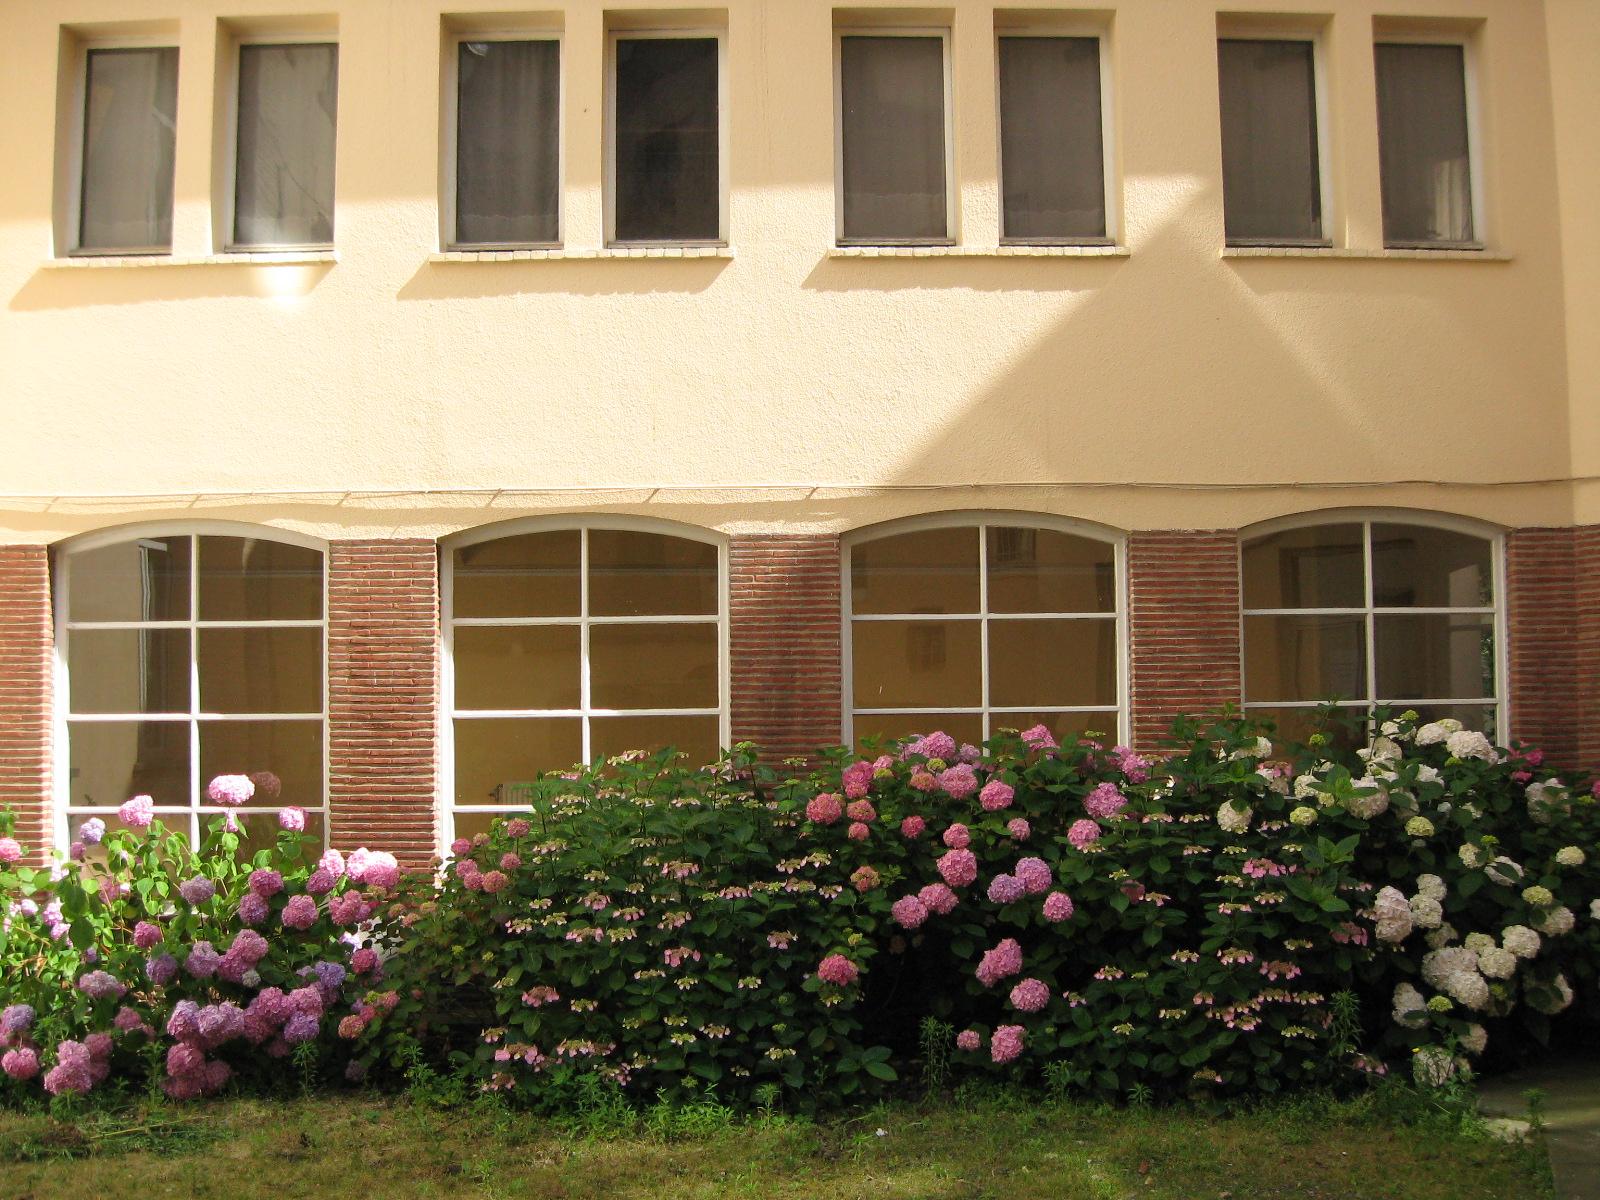 Vues de la maison africaine for Jardin interieur maison